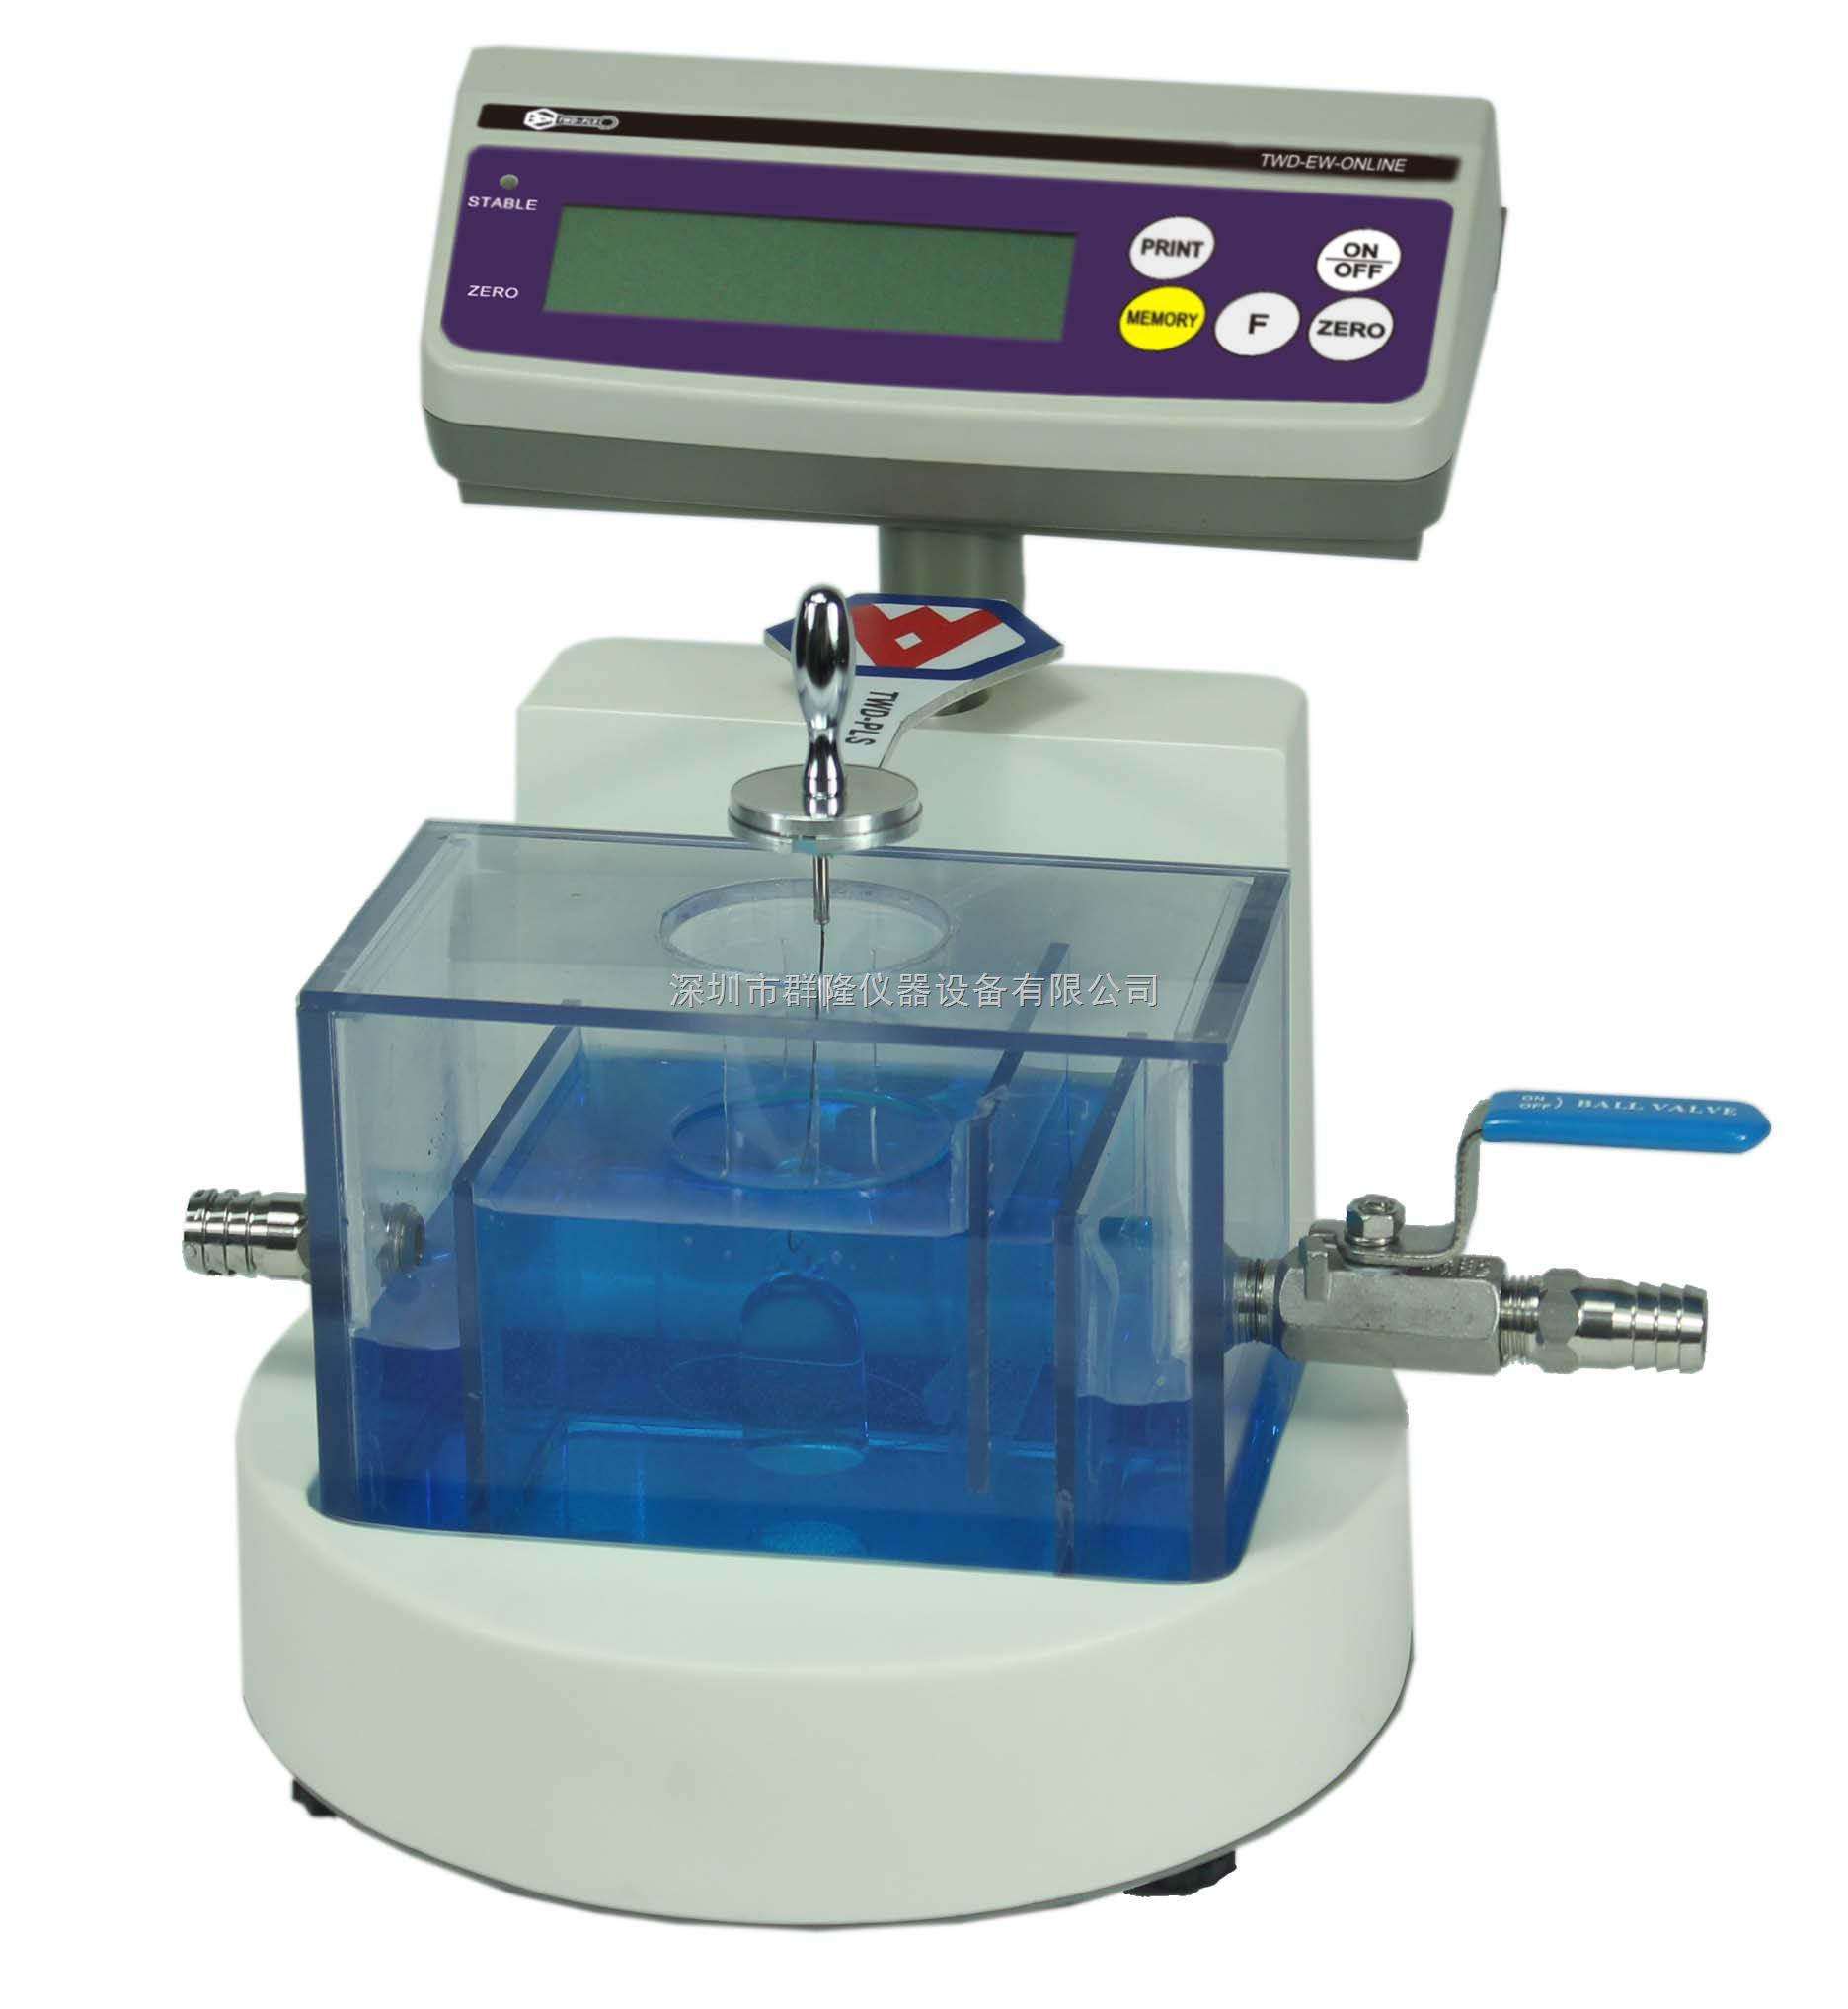 蚀刻、洗涤溶液比重浓度在线监测仪MZ-EW-ON-LINE